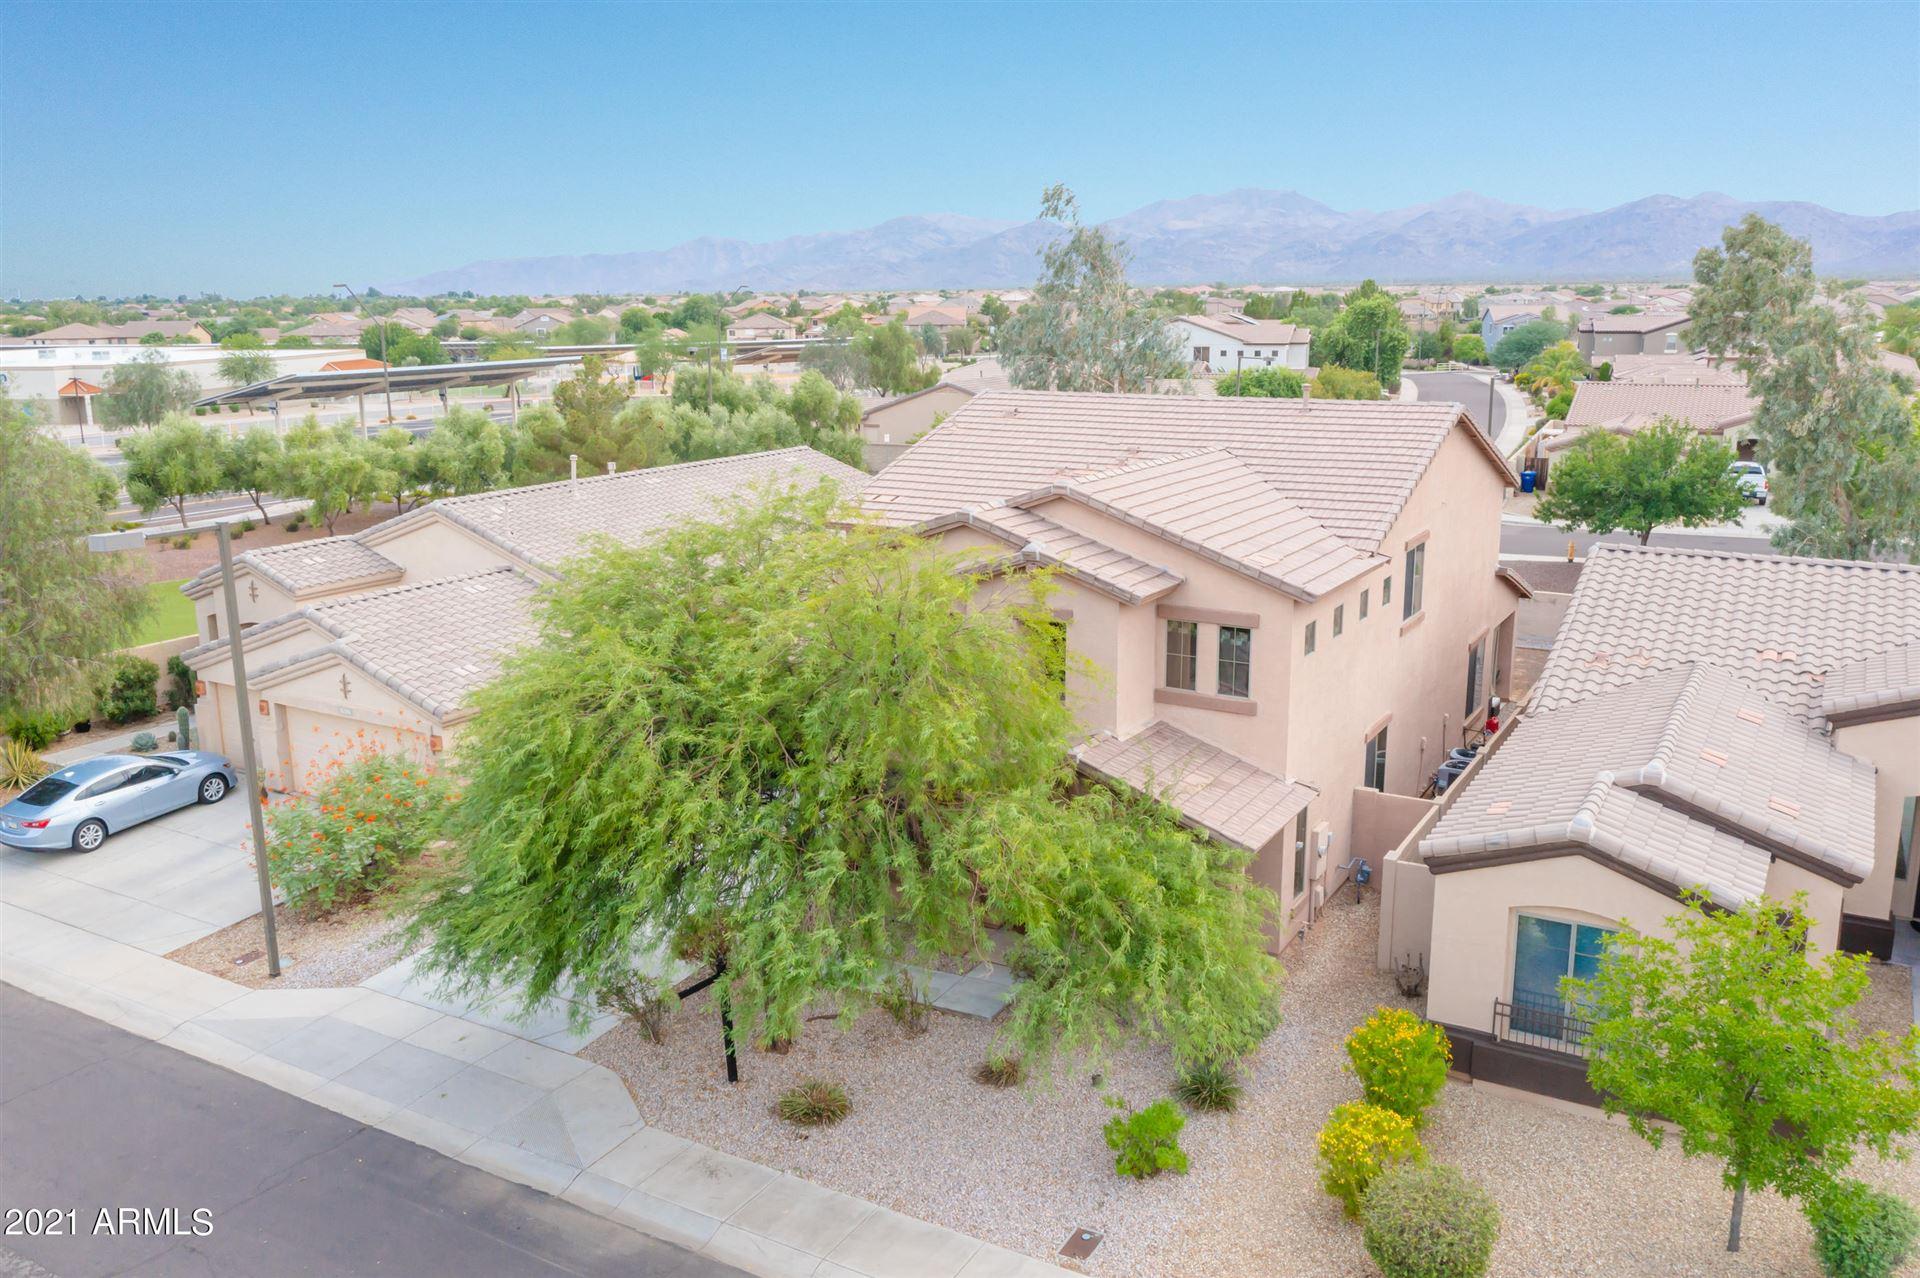 Photo of 16124 N 180TH Lane, Surprise, AZ 85388 (MLS # 6269290)